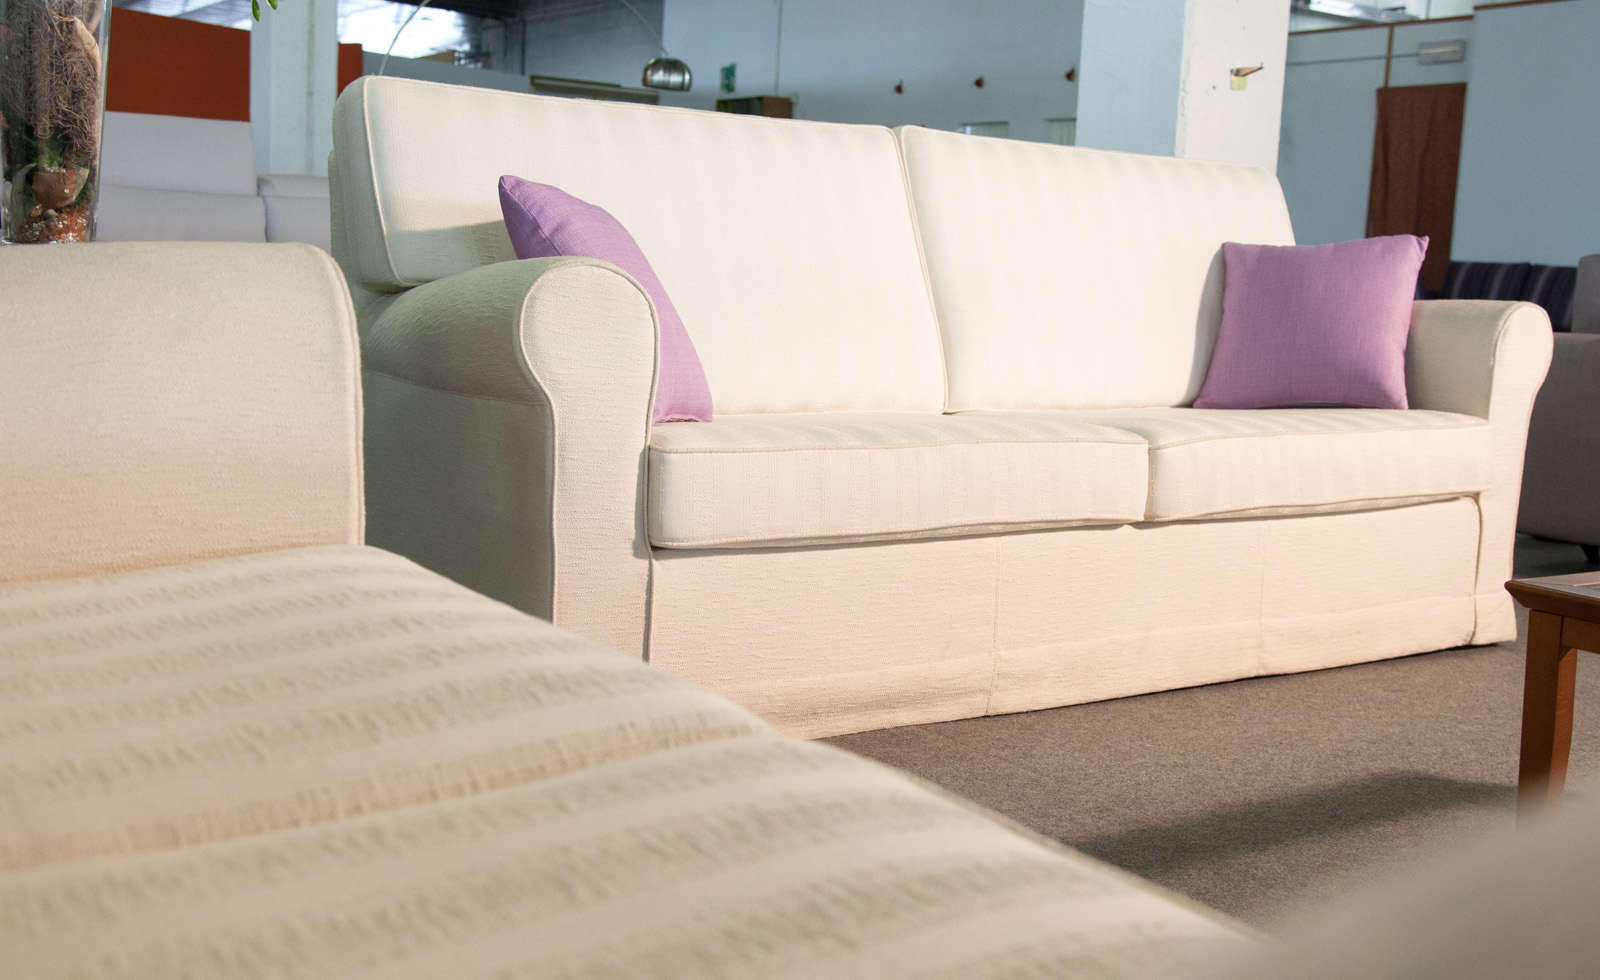 modelli divani budoia variant divani